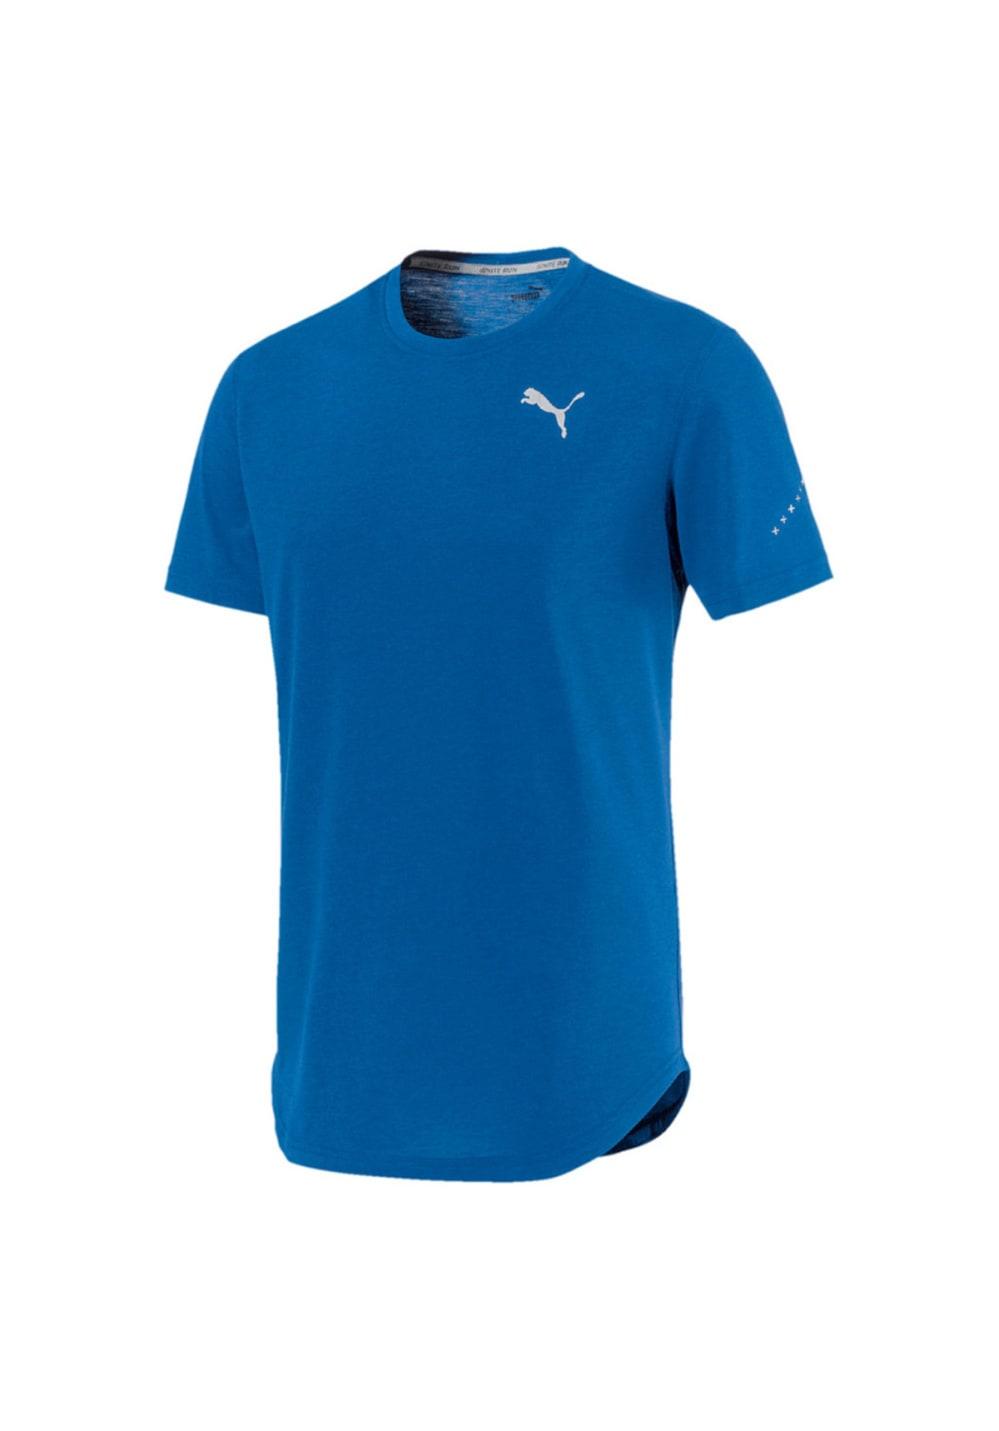 Puma Triblend Tee - Laufshirts für Herren - Blau, Gr. XL